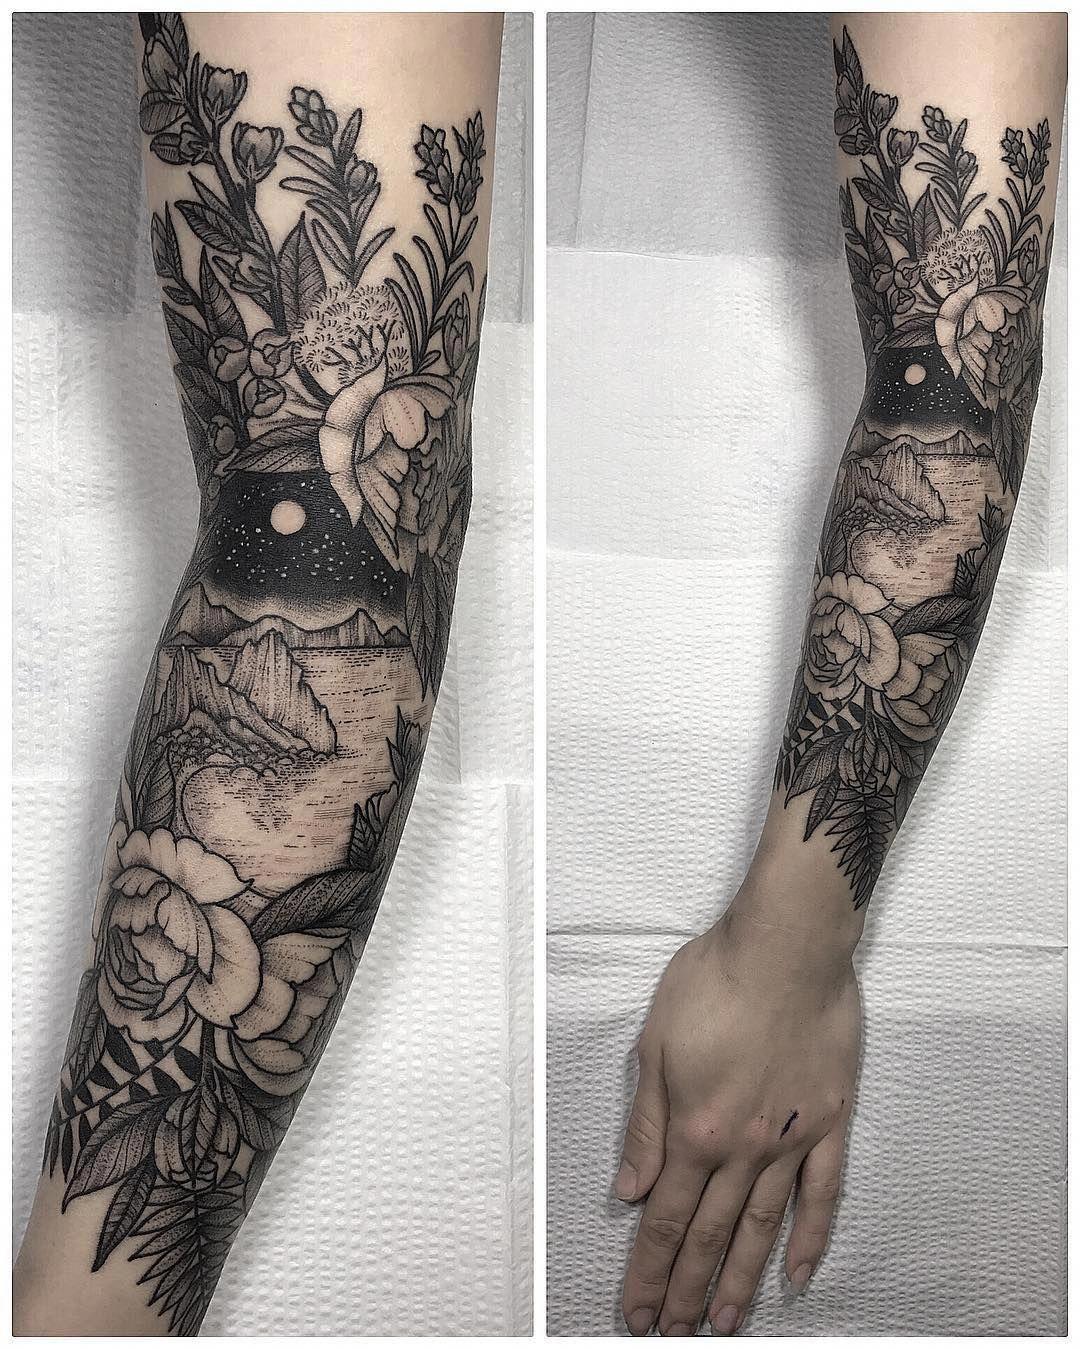 Linework Tattoo Sleeve Sleevetattoos Nature Tattoo Sleeve Tattoos Badass Tattoos